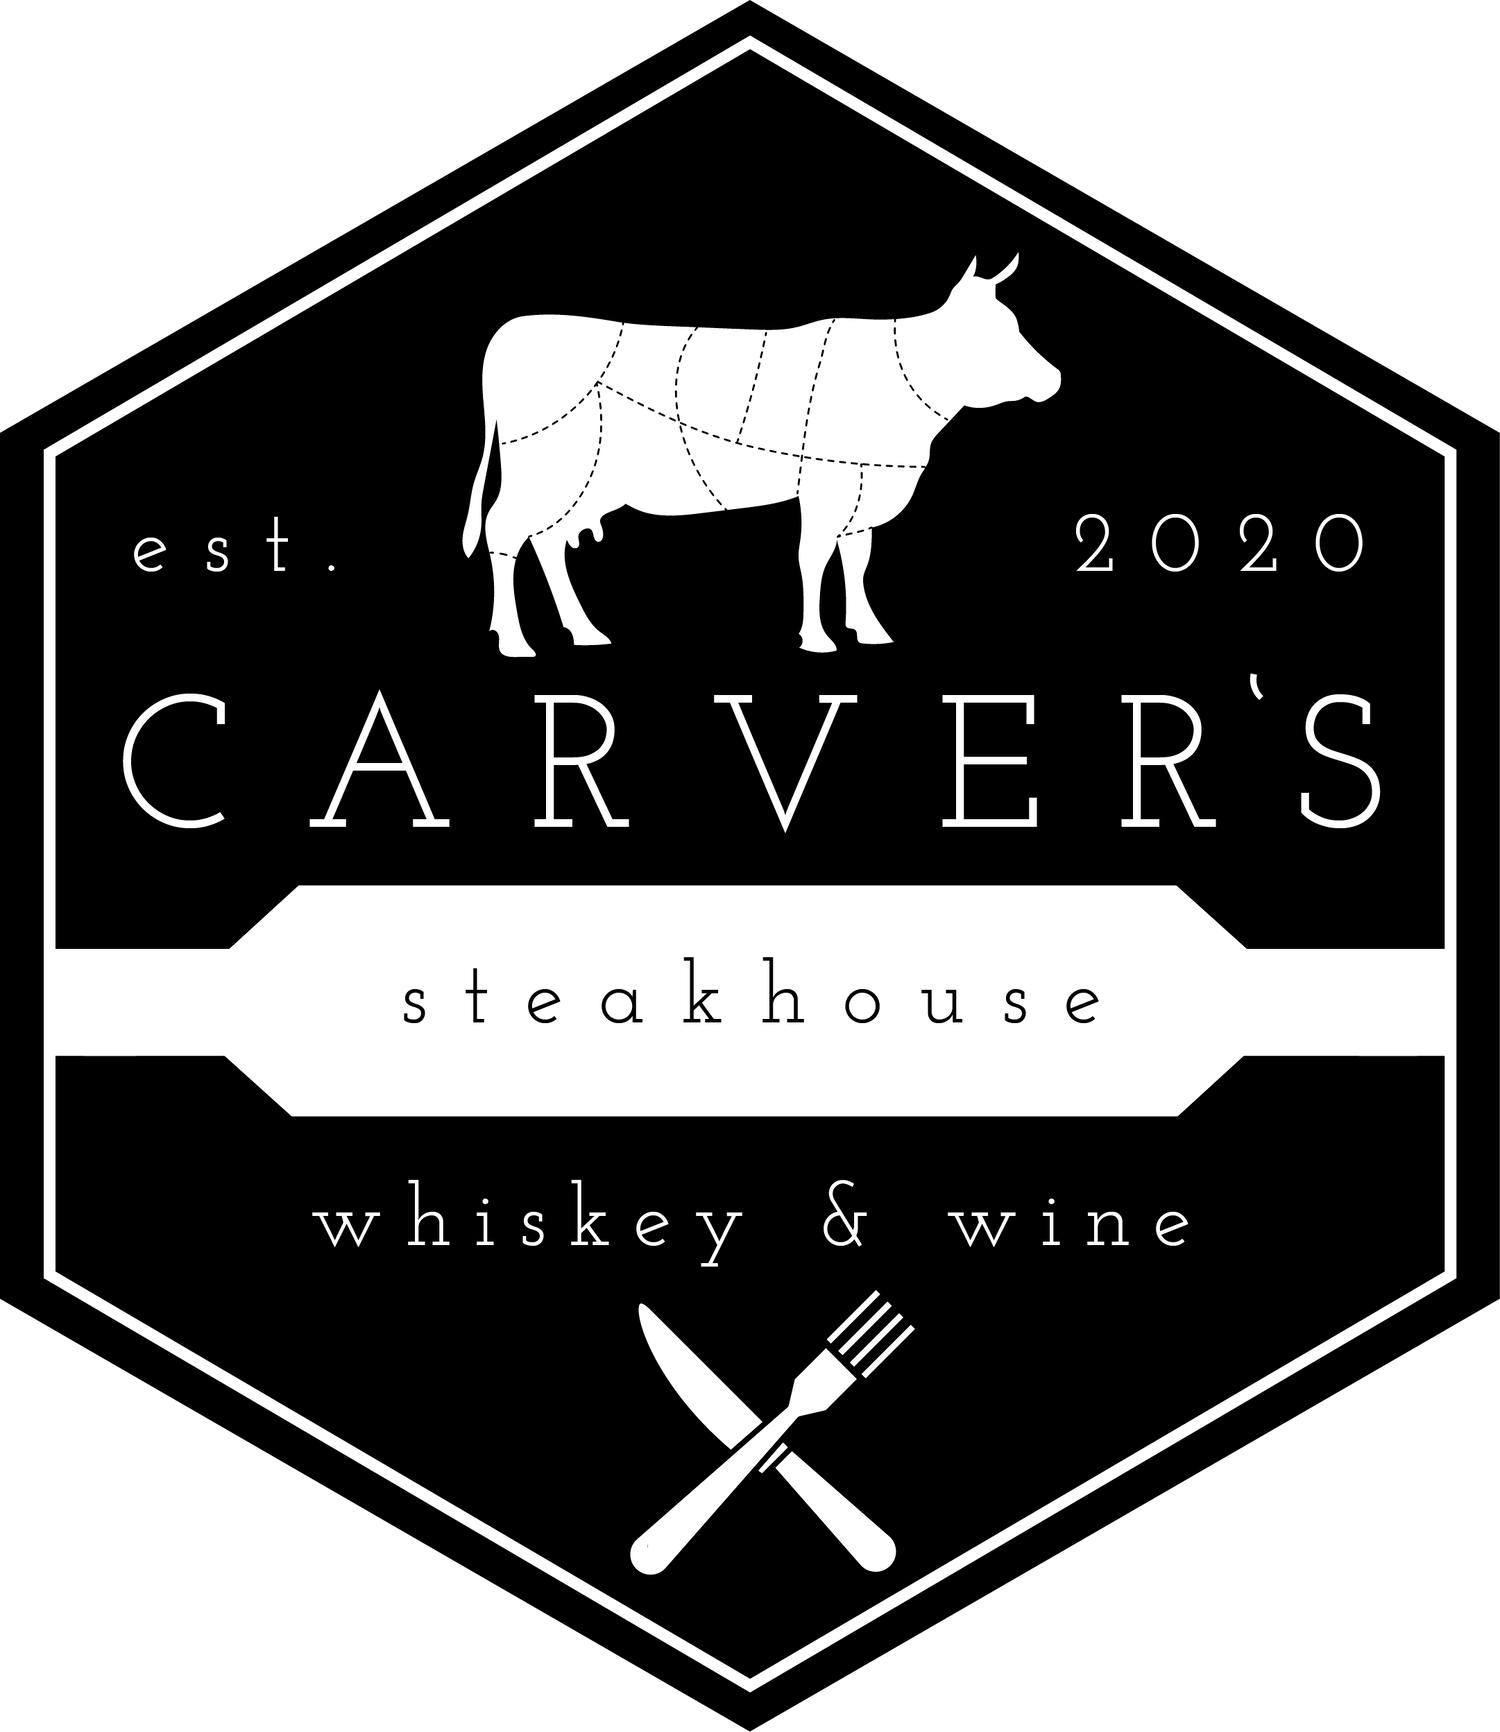 Carver's Steak House